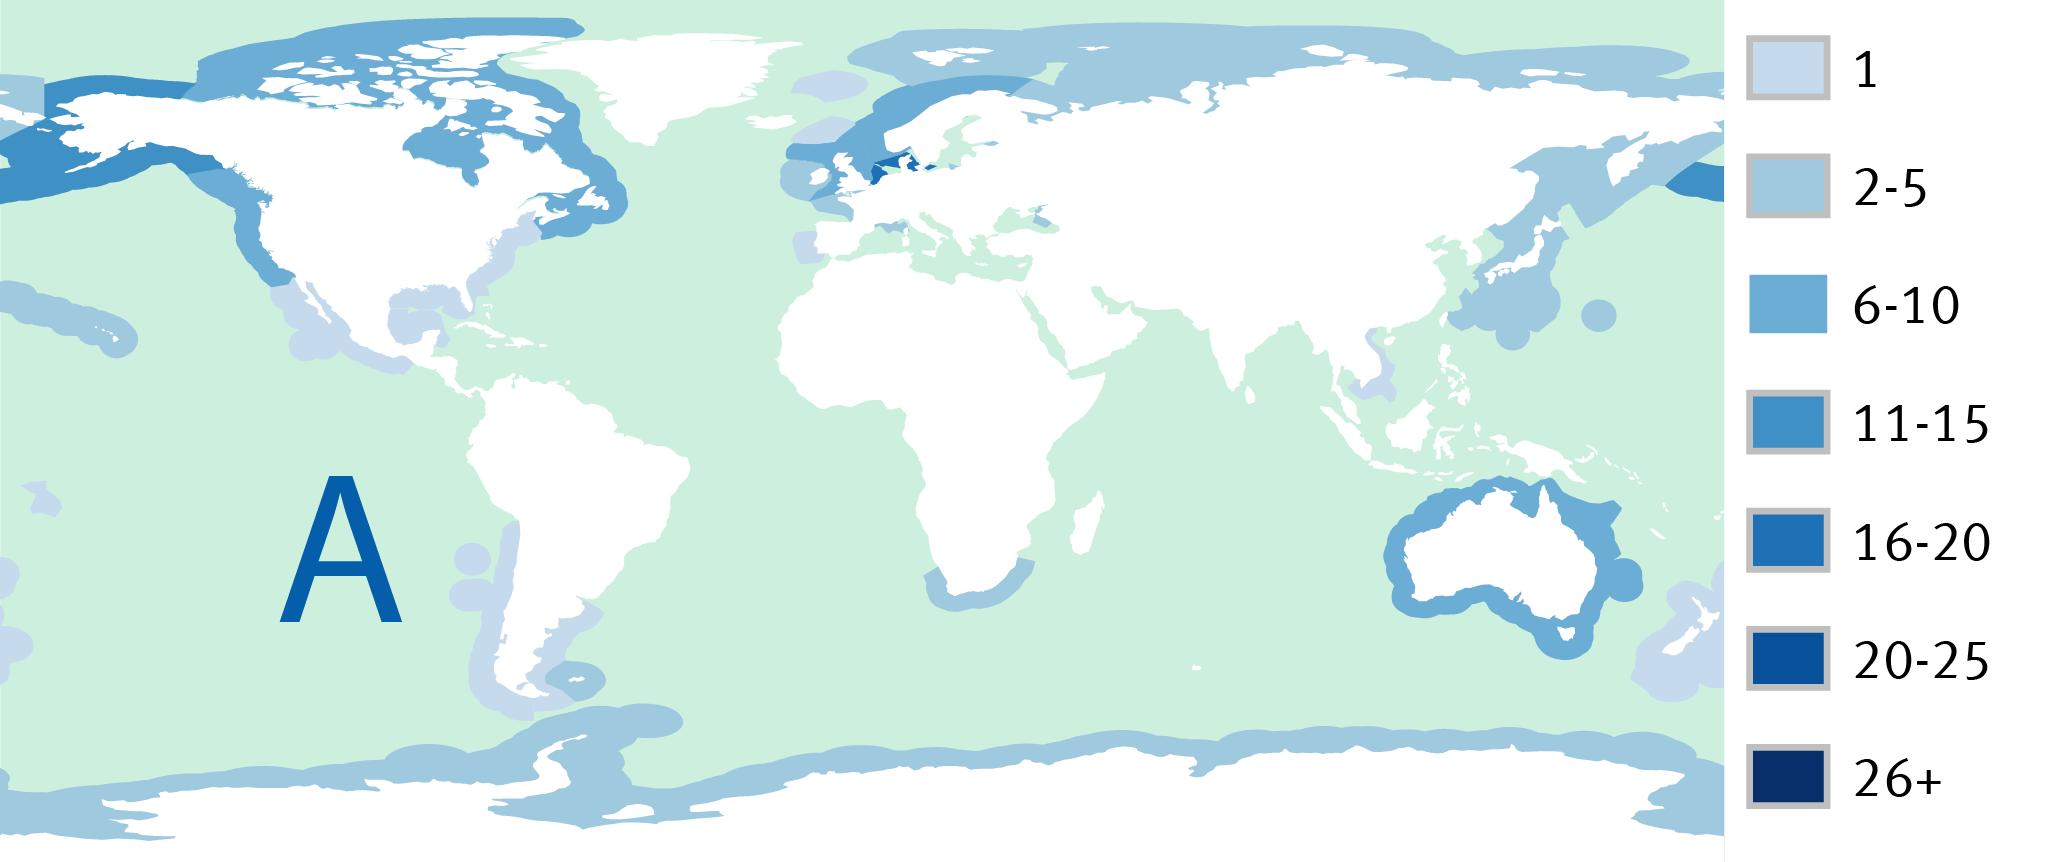 Kaart A: Aantal gecertificeerde visserijen in de exclusieve economische zone (EEZ) per land in 2010